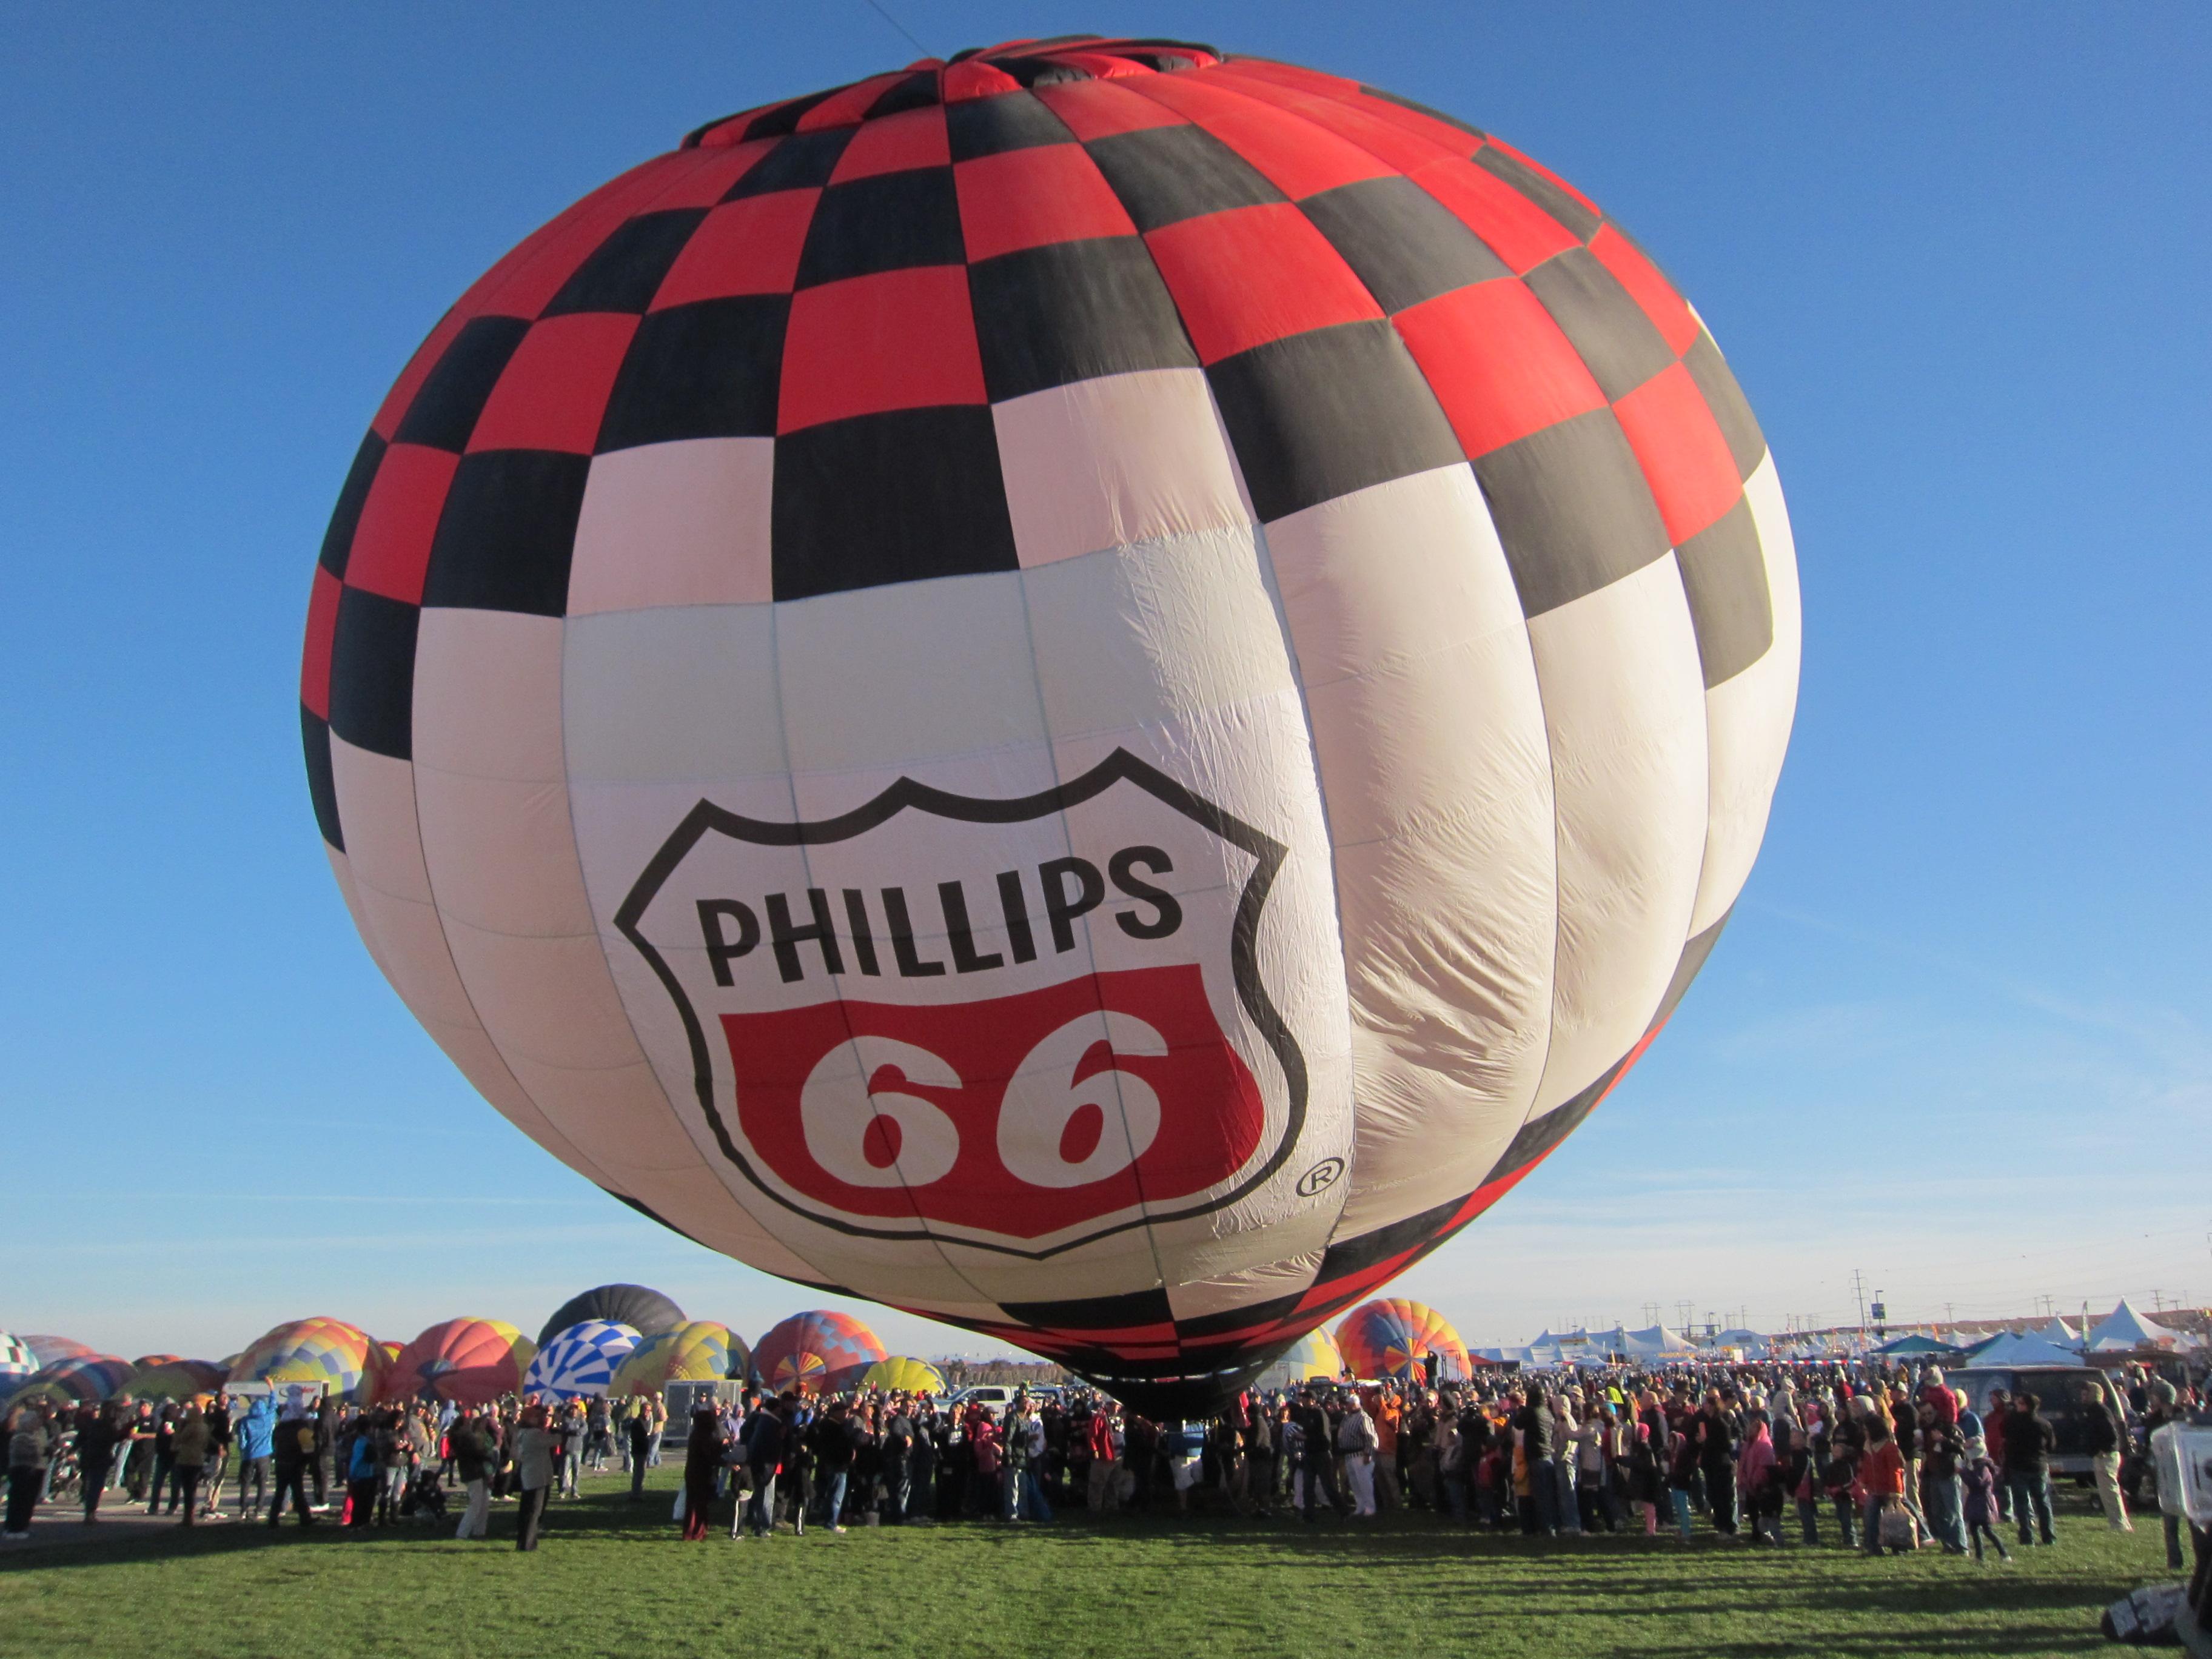 פסטיבל כדורים פורחים באלבקורקי, ניו מקסיקו